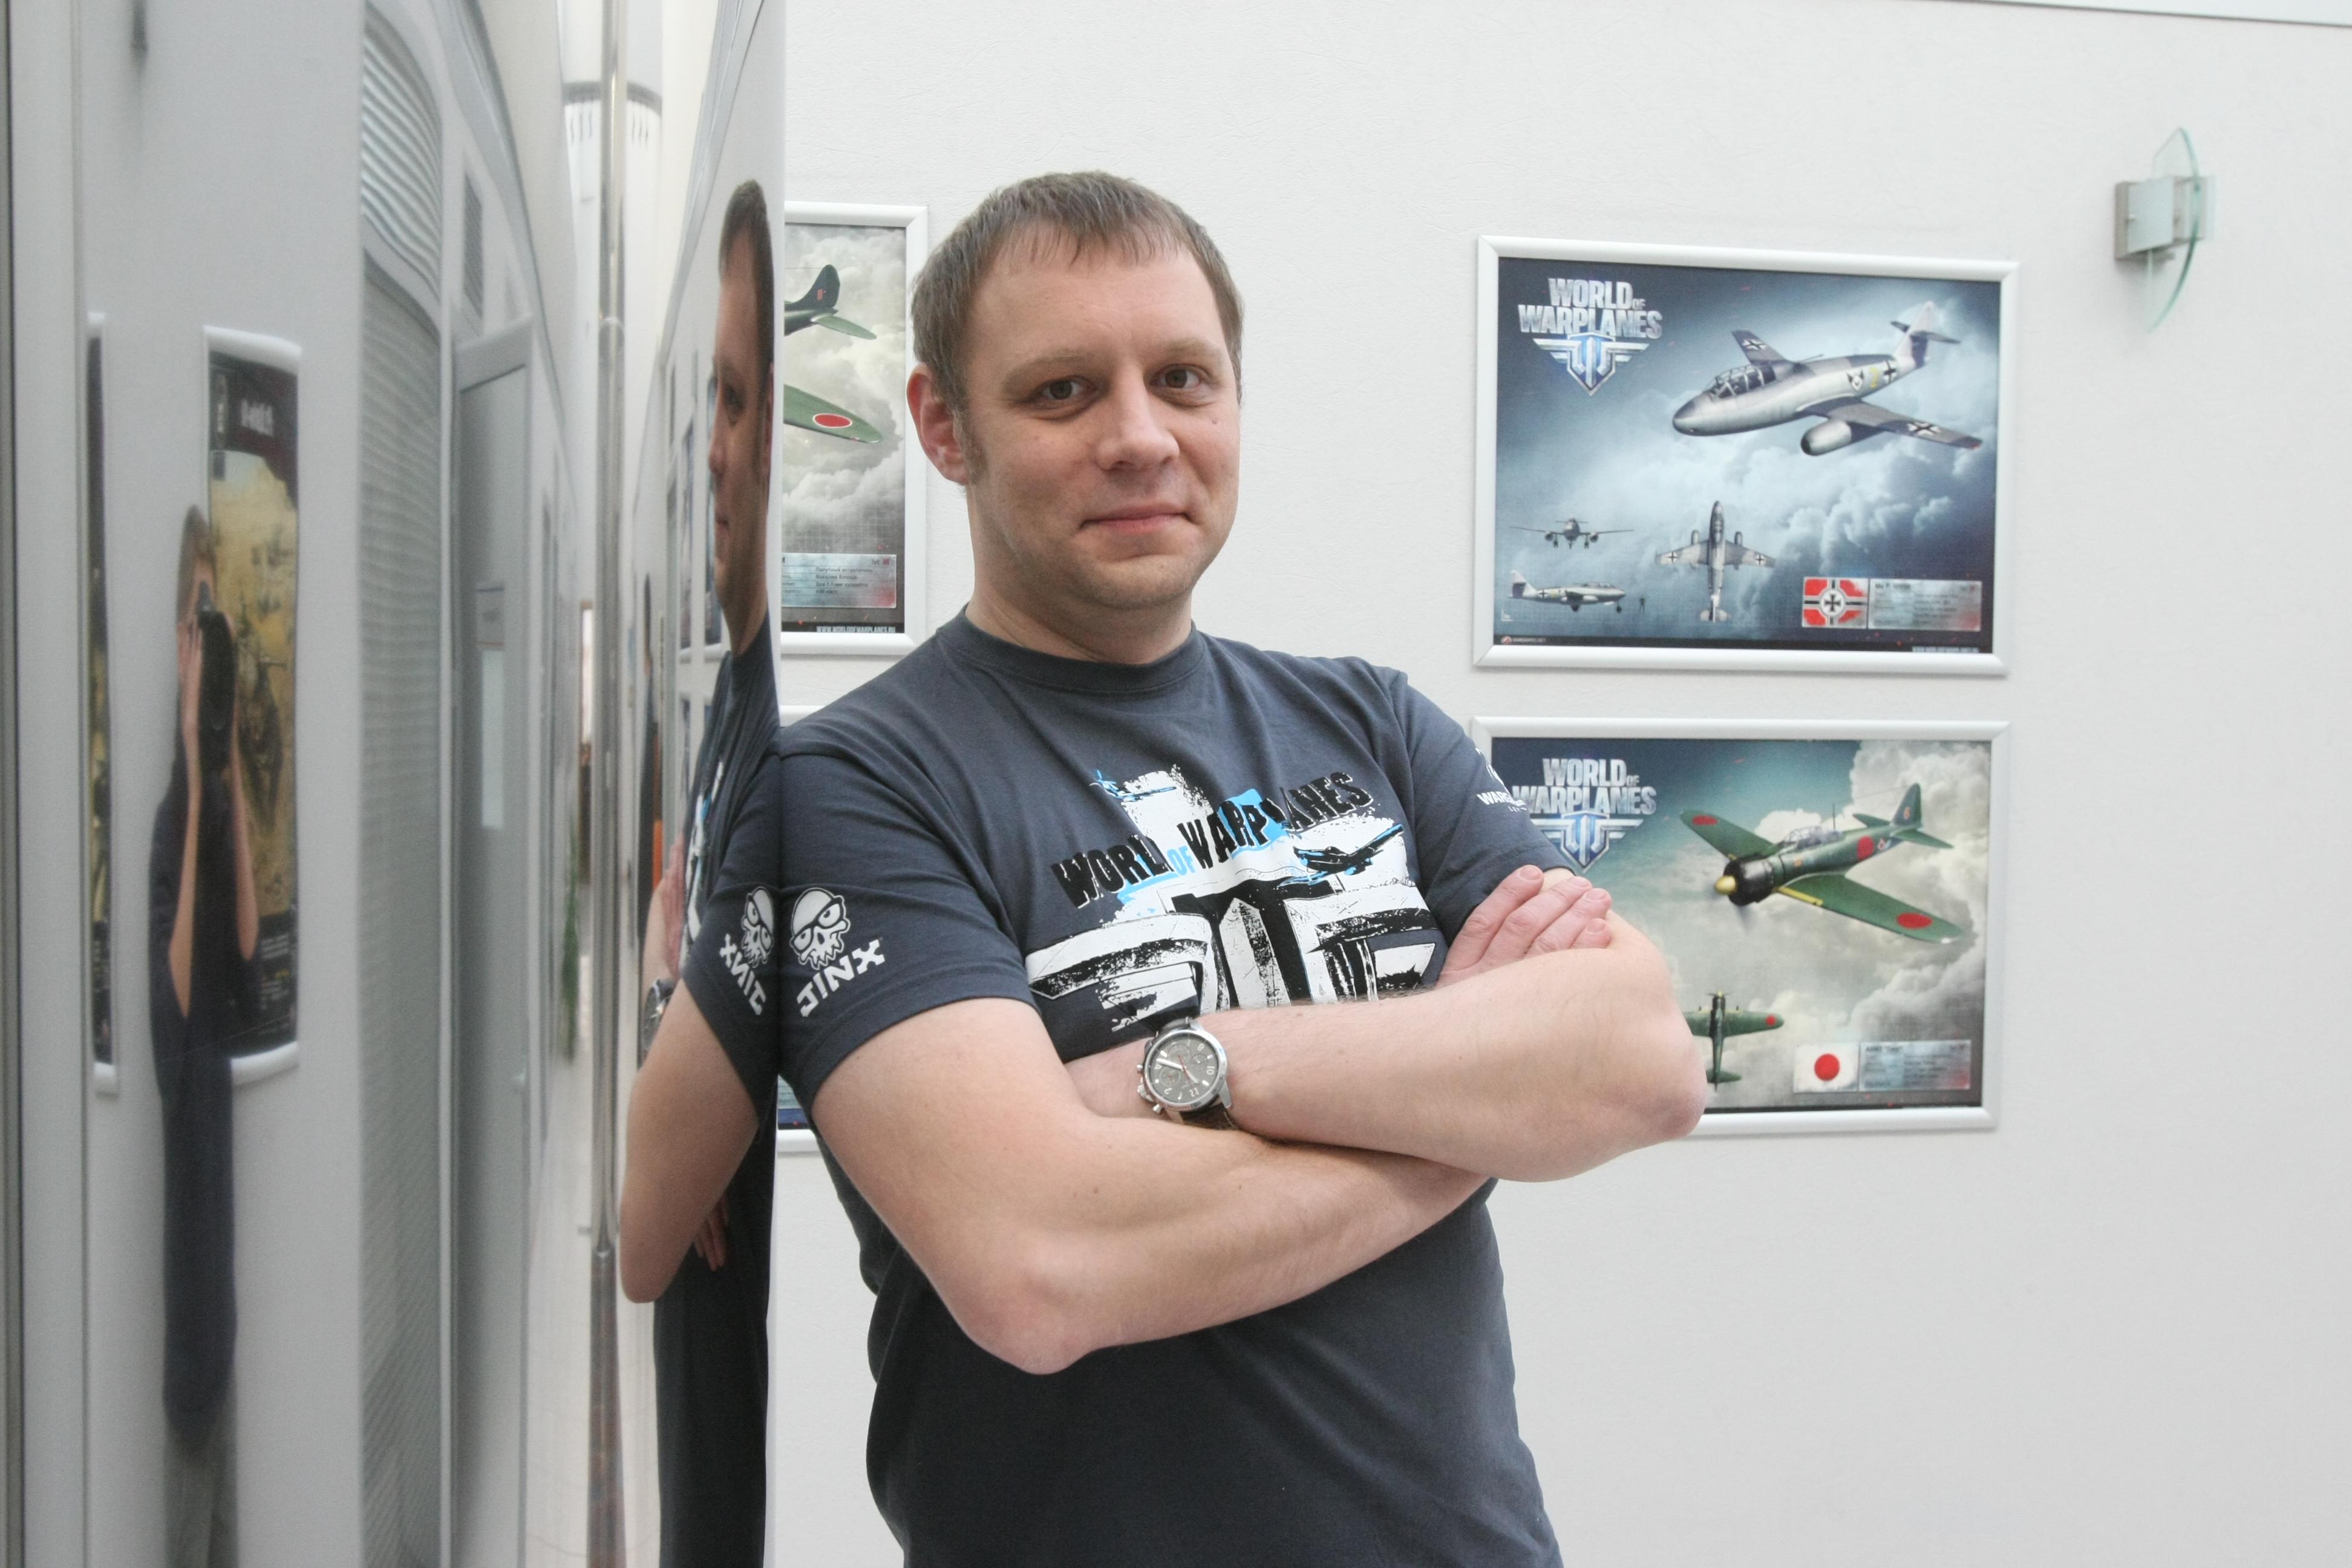 Новая игра о сражениях на самолетах, по подсчетам Антона Ситникова, продюсера Wargaming, уже завоевала более 4 млн поклонников